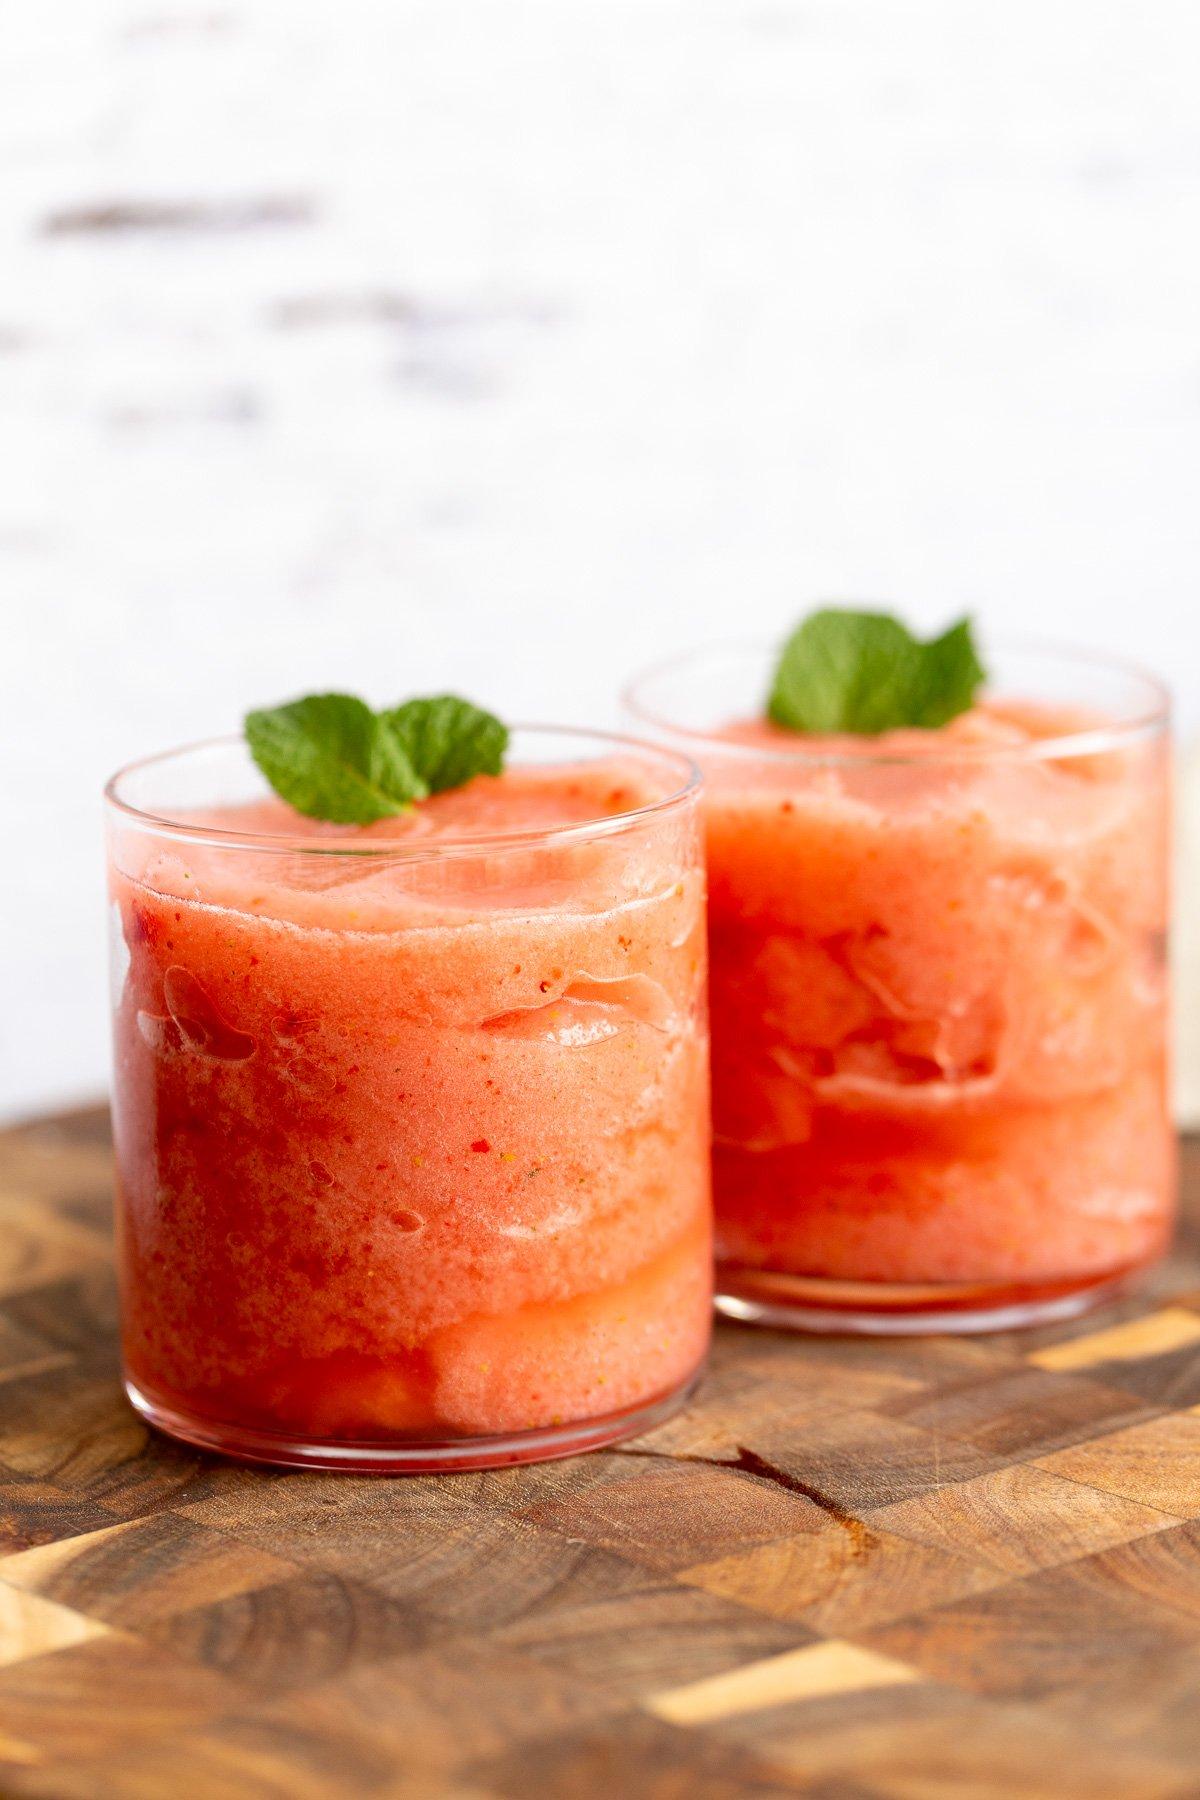 dois copos com raspadinhas caseiras de limonada de morango vegan